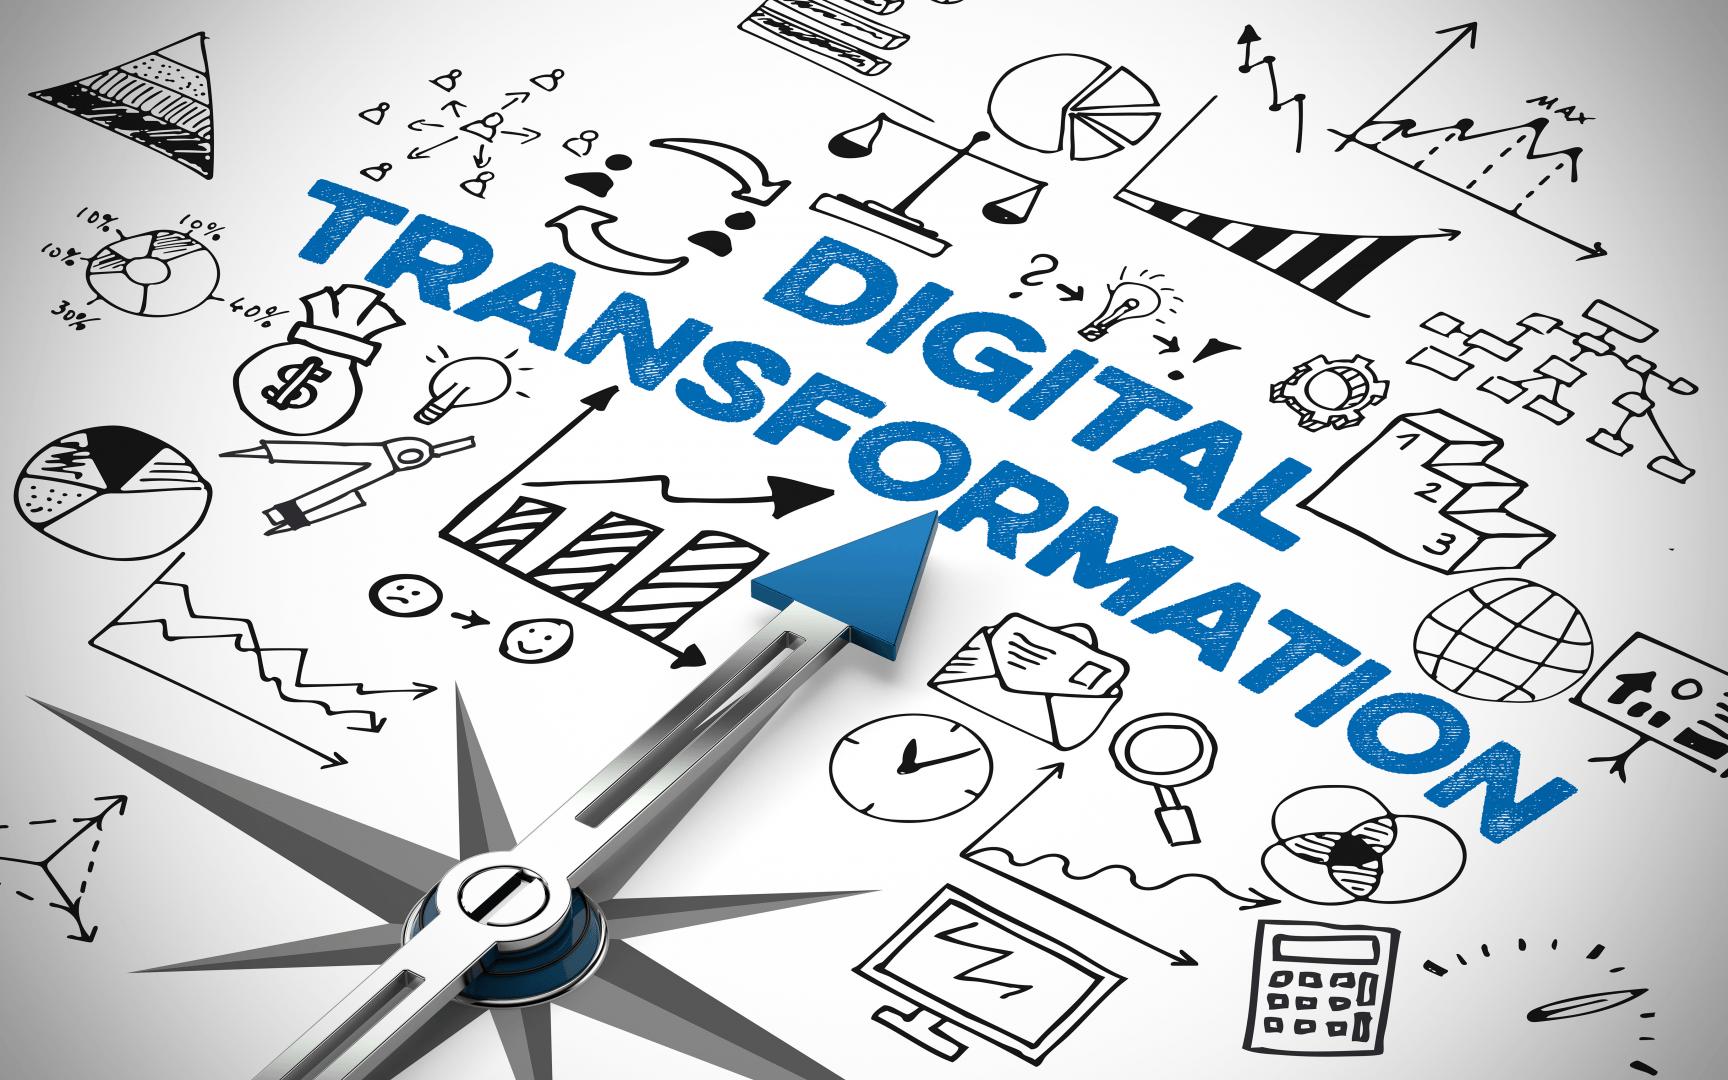 CIO Leads Digital Transformation